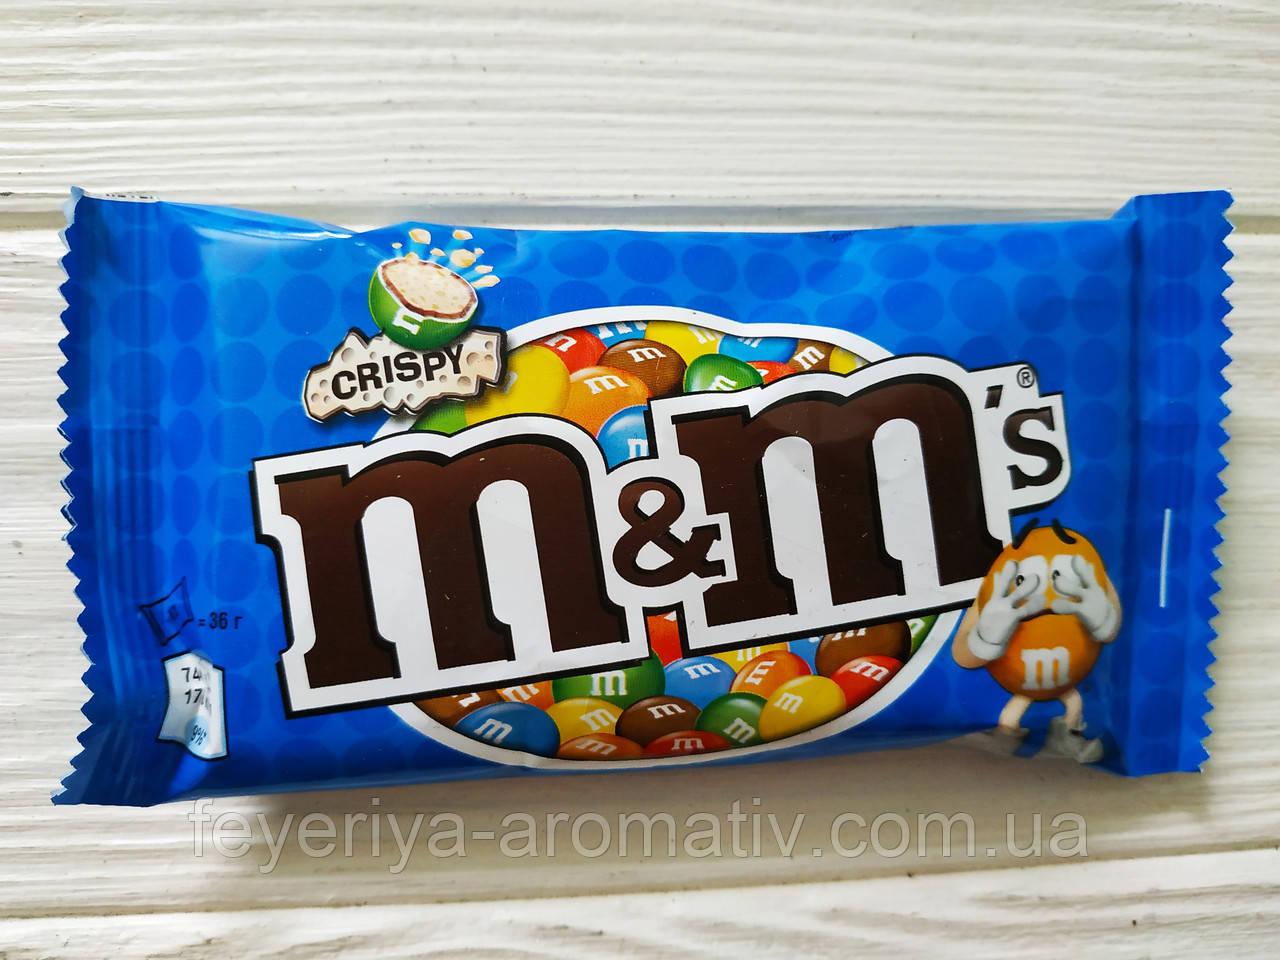 Драже M&M's с рисовыми криспами в шоколаде и глазури 36гр (Поольша)